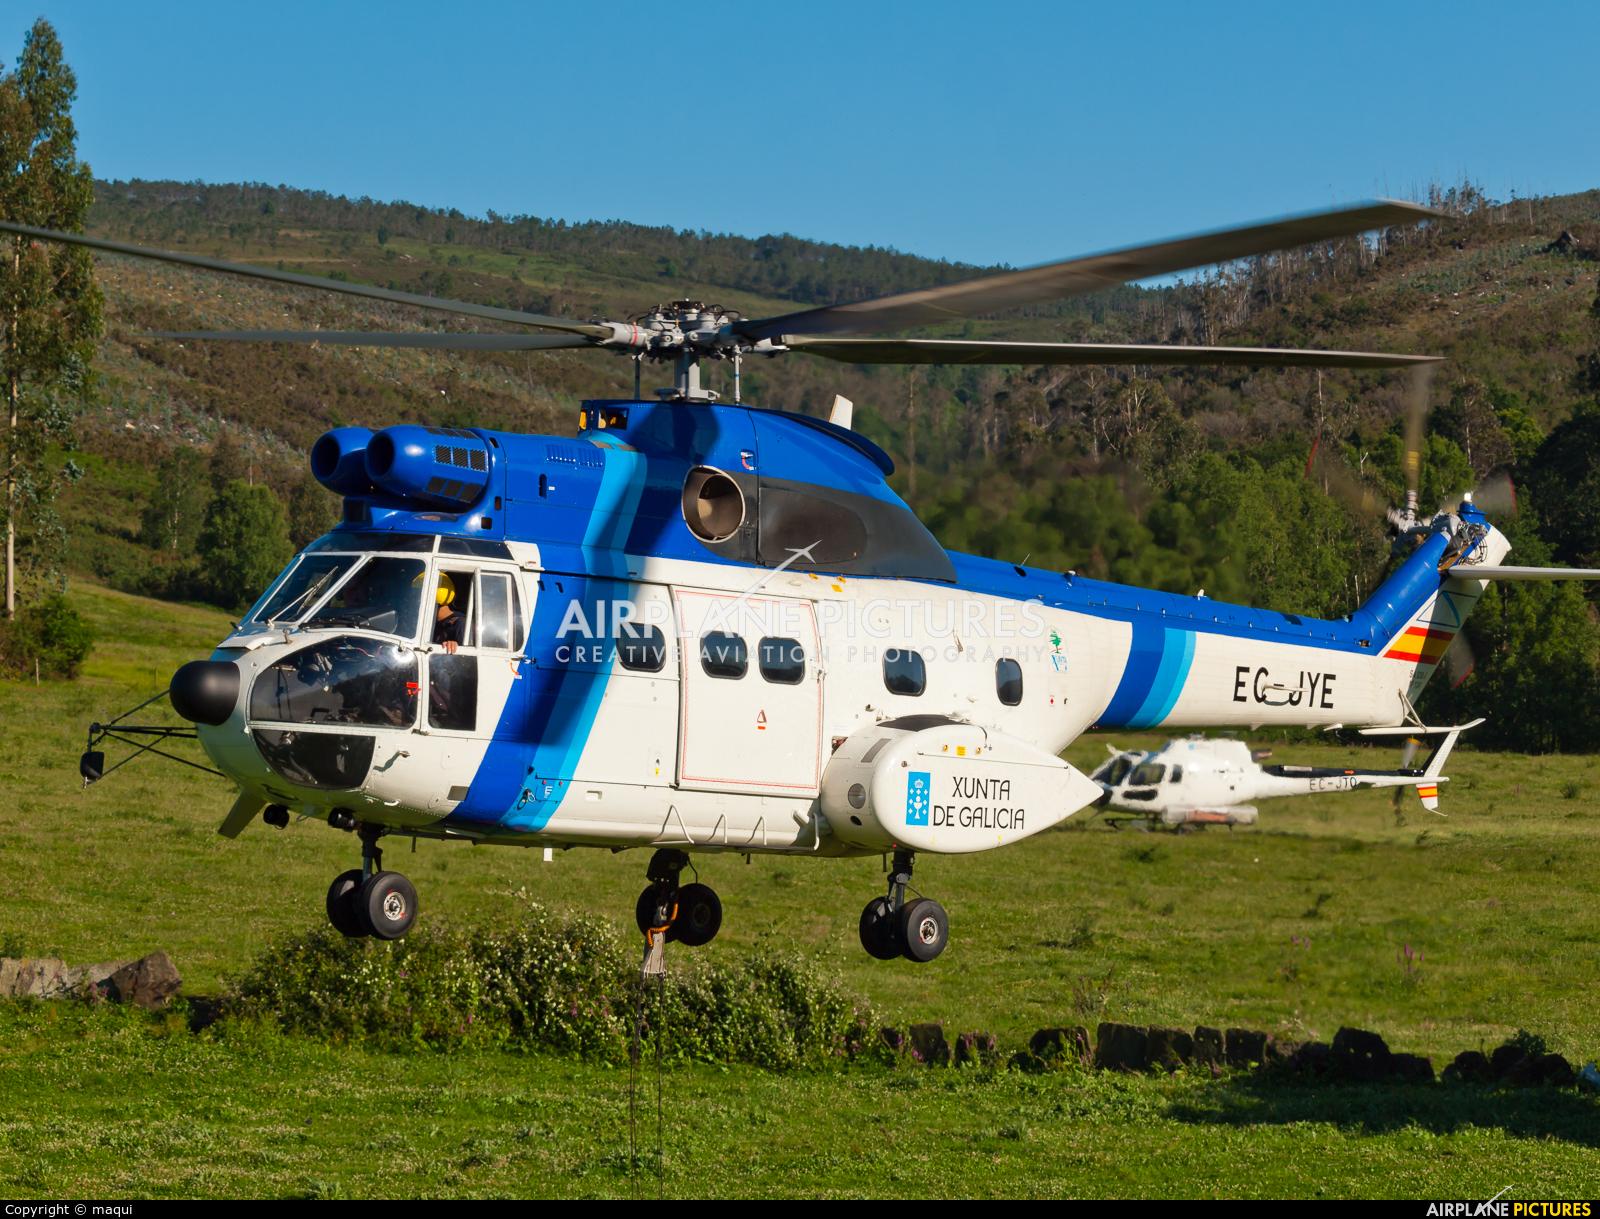 INAER EC-JYE aircraft at La Coruña - Off Airport